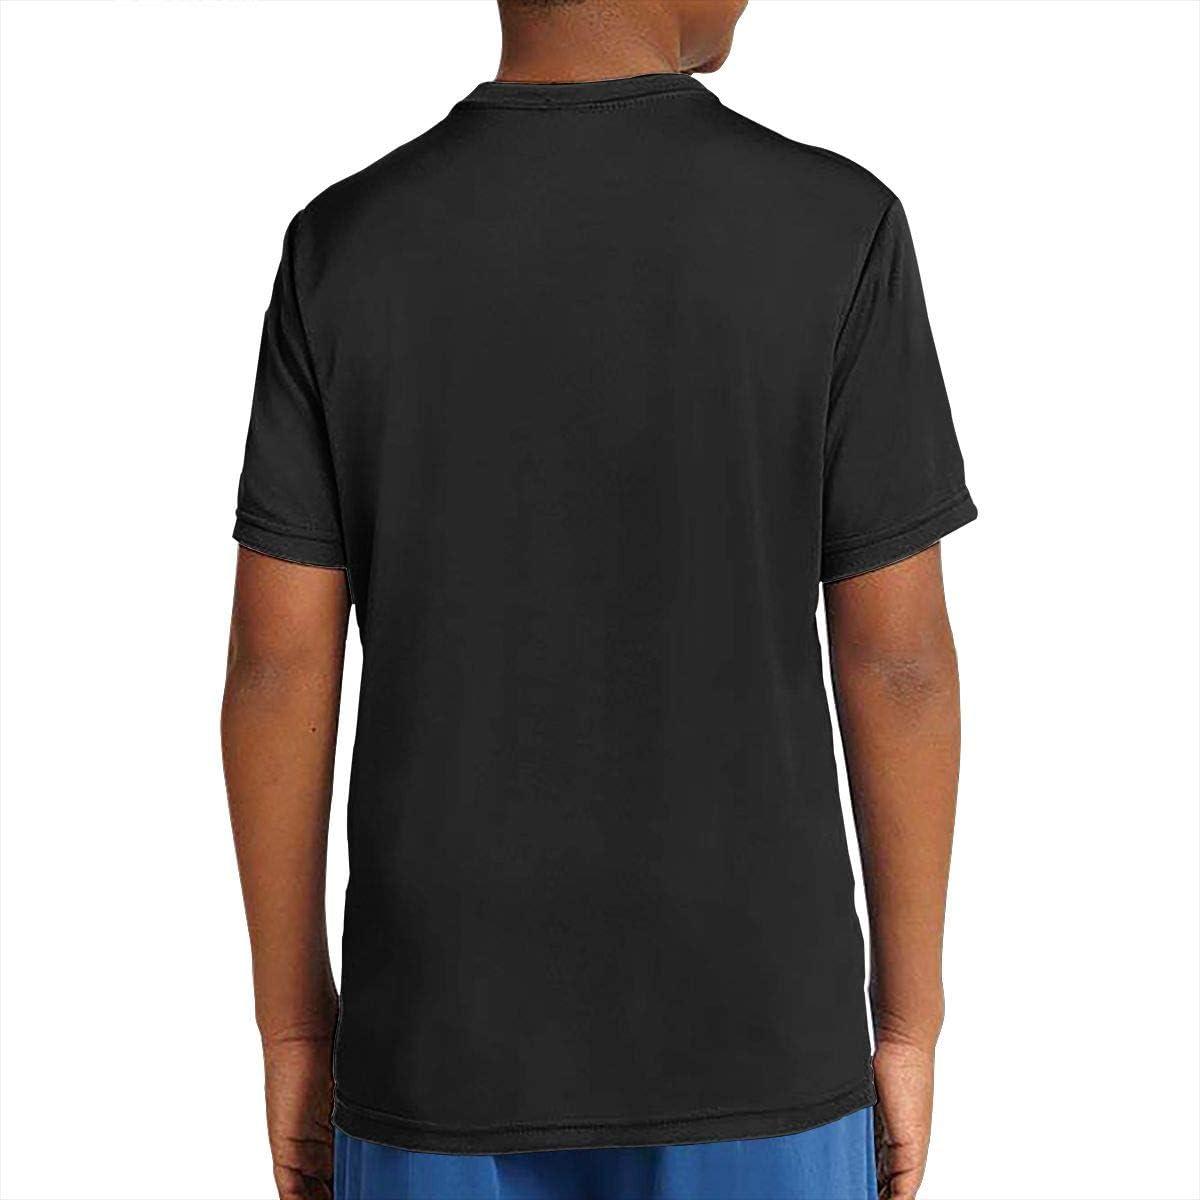 James Bay Unisex Youth Crewneck Soft Customized Stylish Premium Cotton T-Shirt,